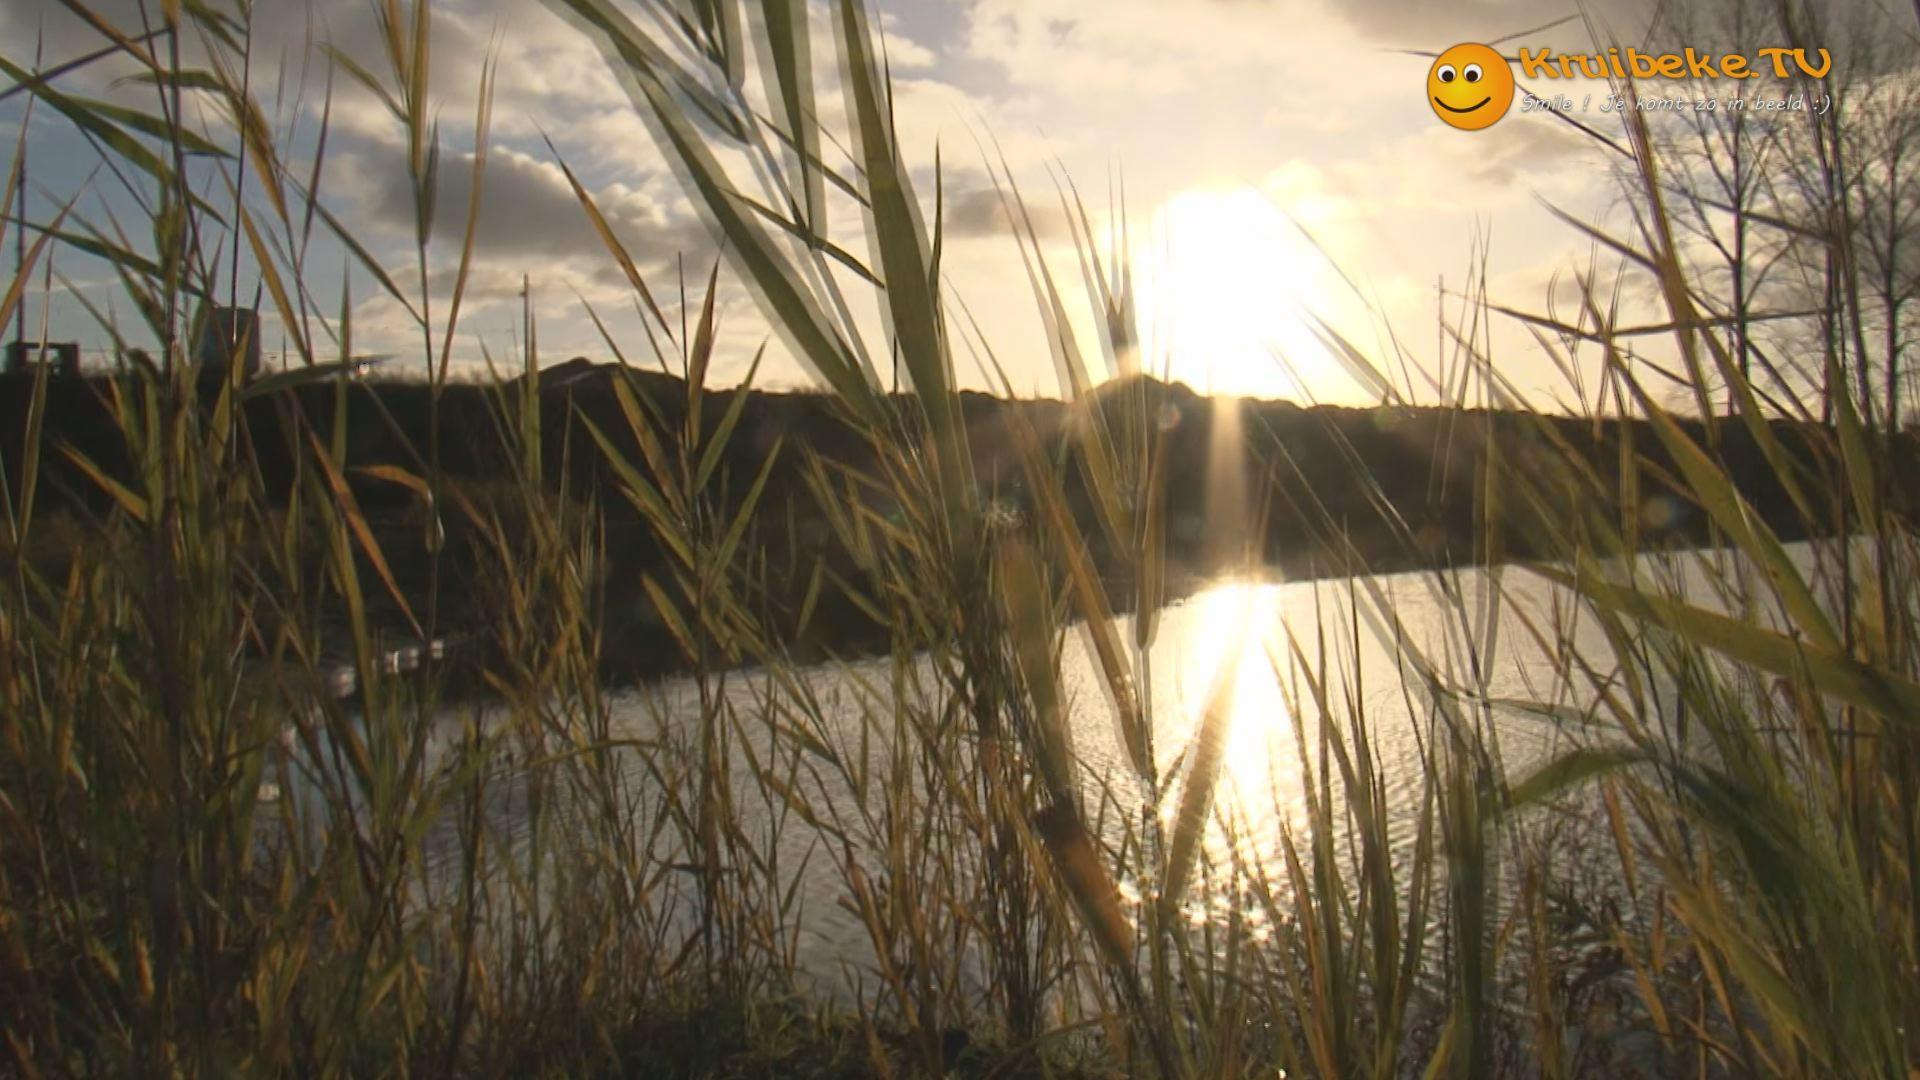 Ecologisch en duurzaam toerisme van de toekomst, vandaag al in Kruibeke